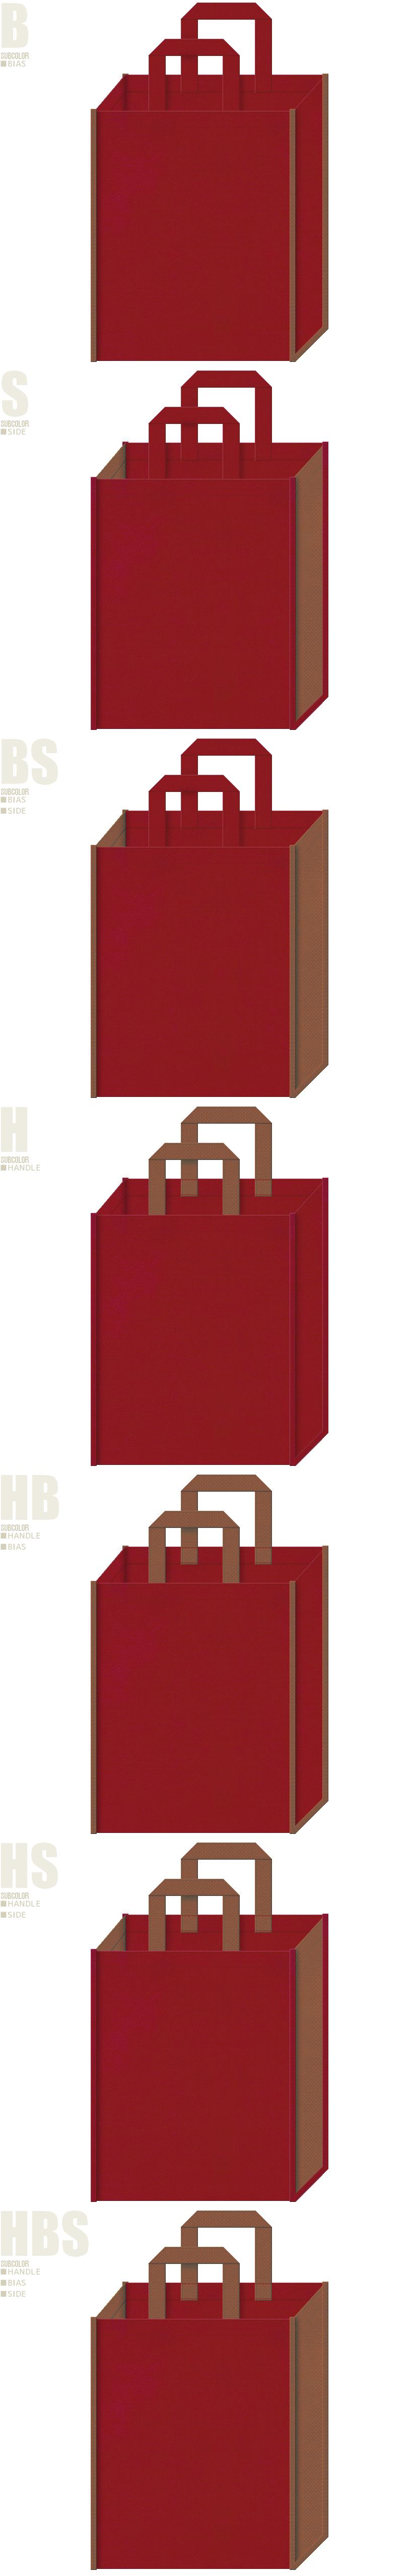 エンジ色と茶色、7パターンの不織布トートバッグ配色デザイン例。茶会の記念品用バッグにお奨めです。甘味処・茶店風。